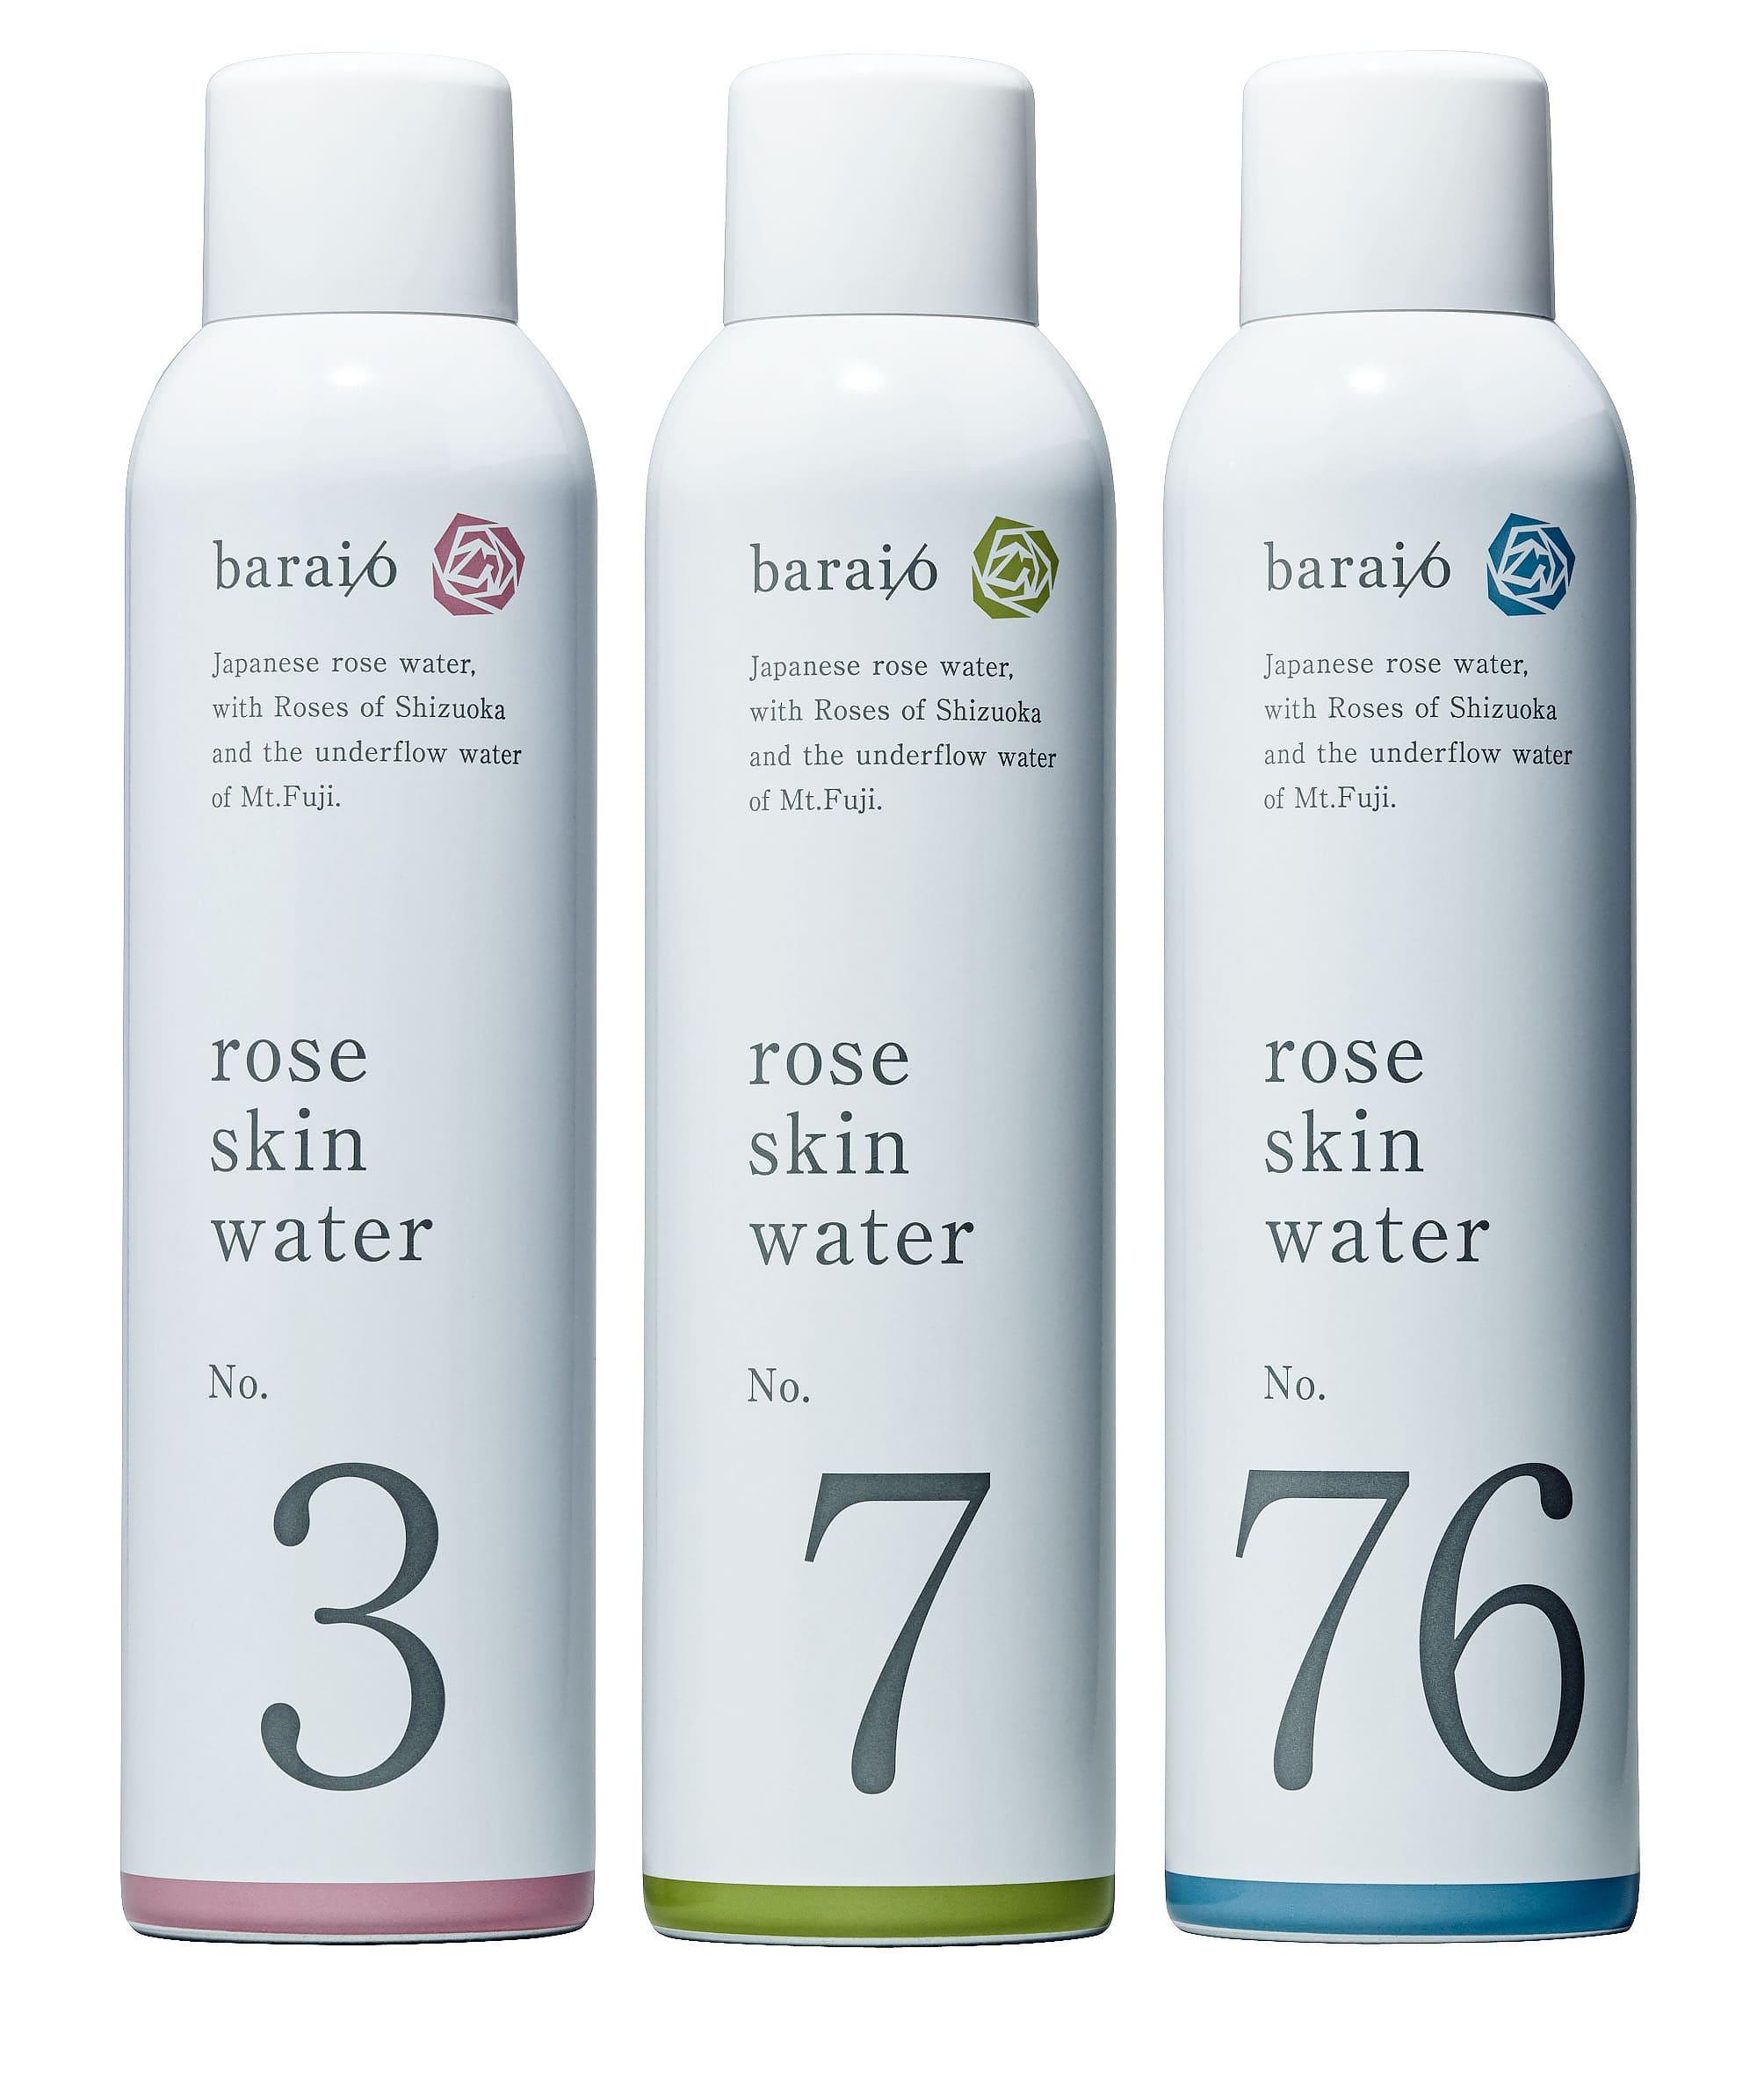 baraio玫瑰香氛面部喷雾单瓶装(3号/7号/76号三种香味可选)